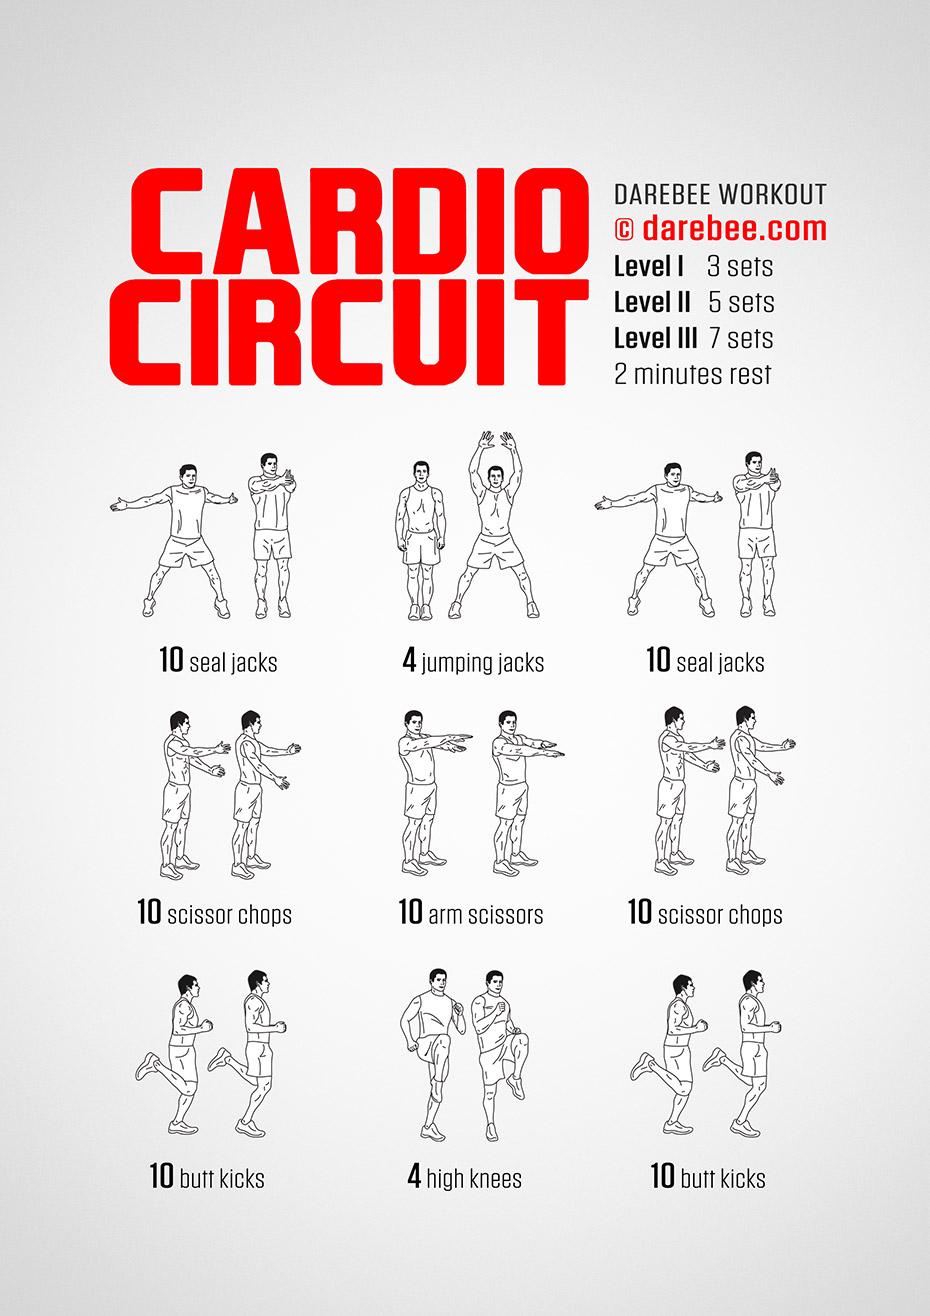 Cardio Circuit Workout